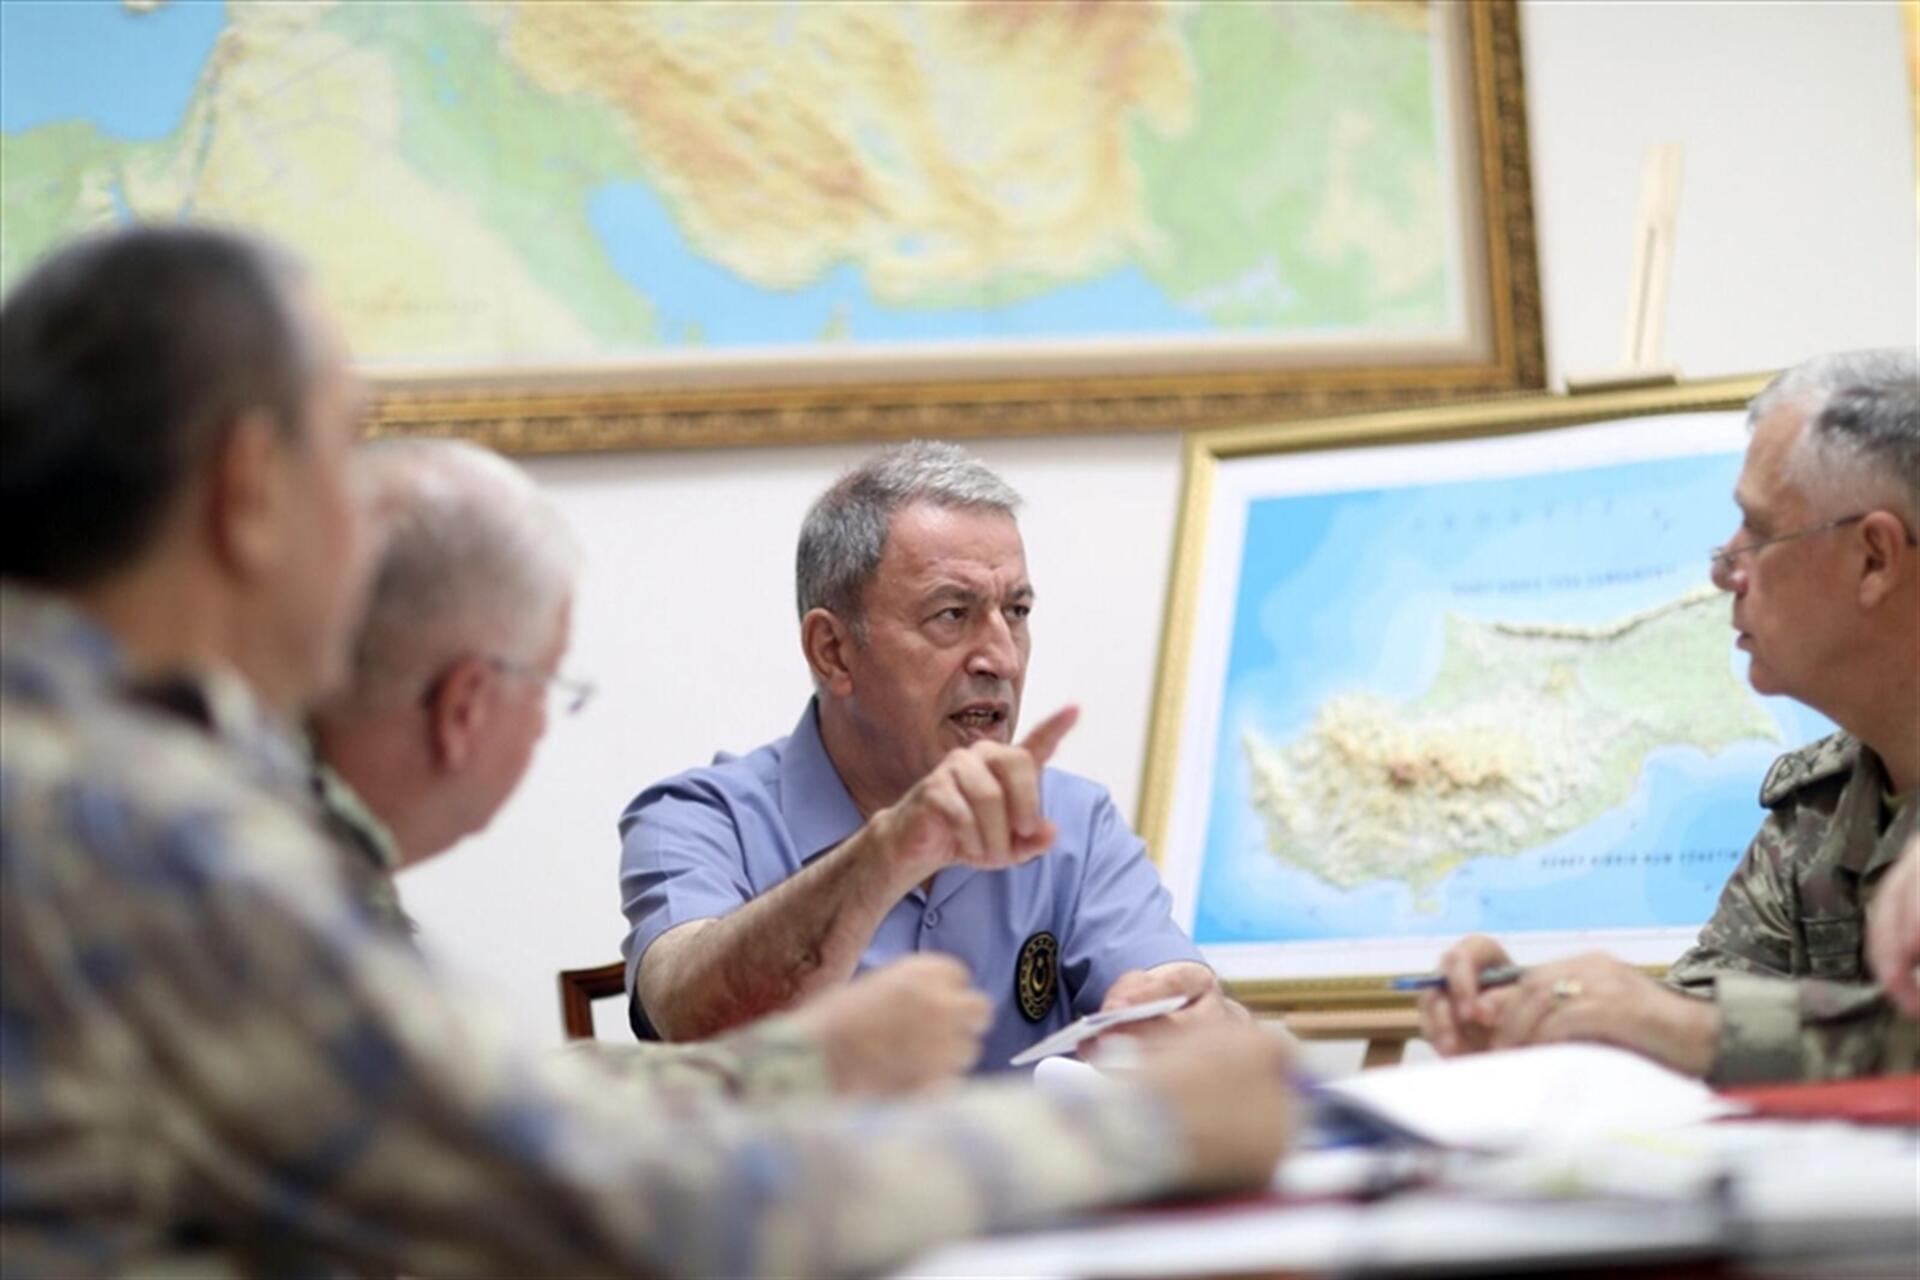 Η Τουρκική προκλητικότητα σύντομα θα περάσει σε ευρύτερες φάσεις και οι προκλήσεις θα ενισχυθούν.Τρόποι αντίδρασης